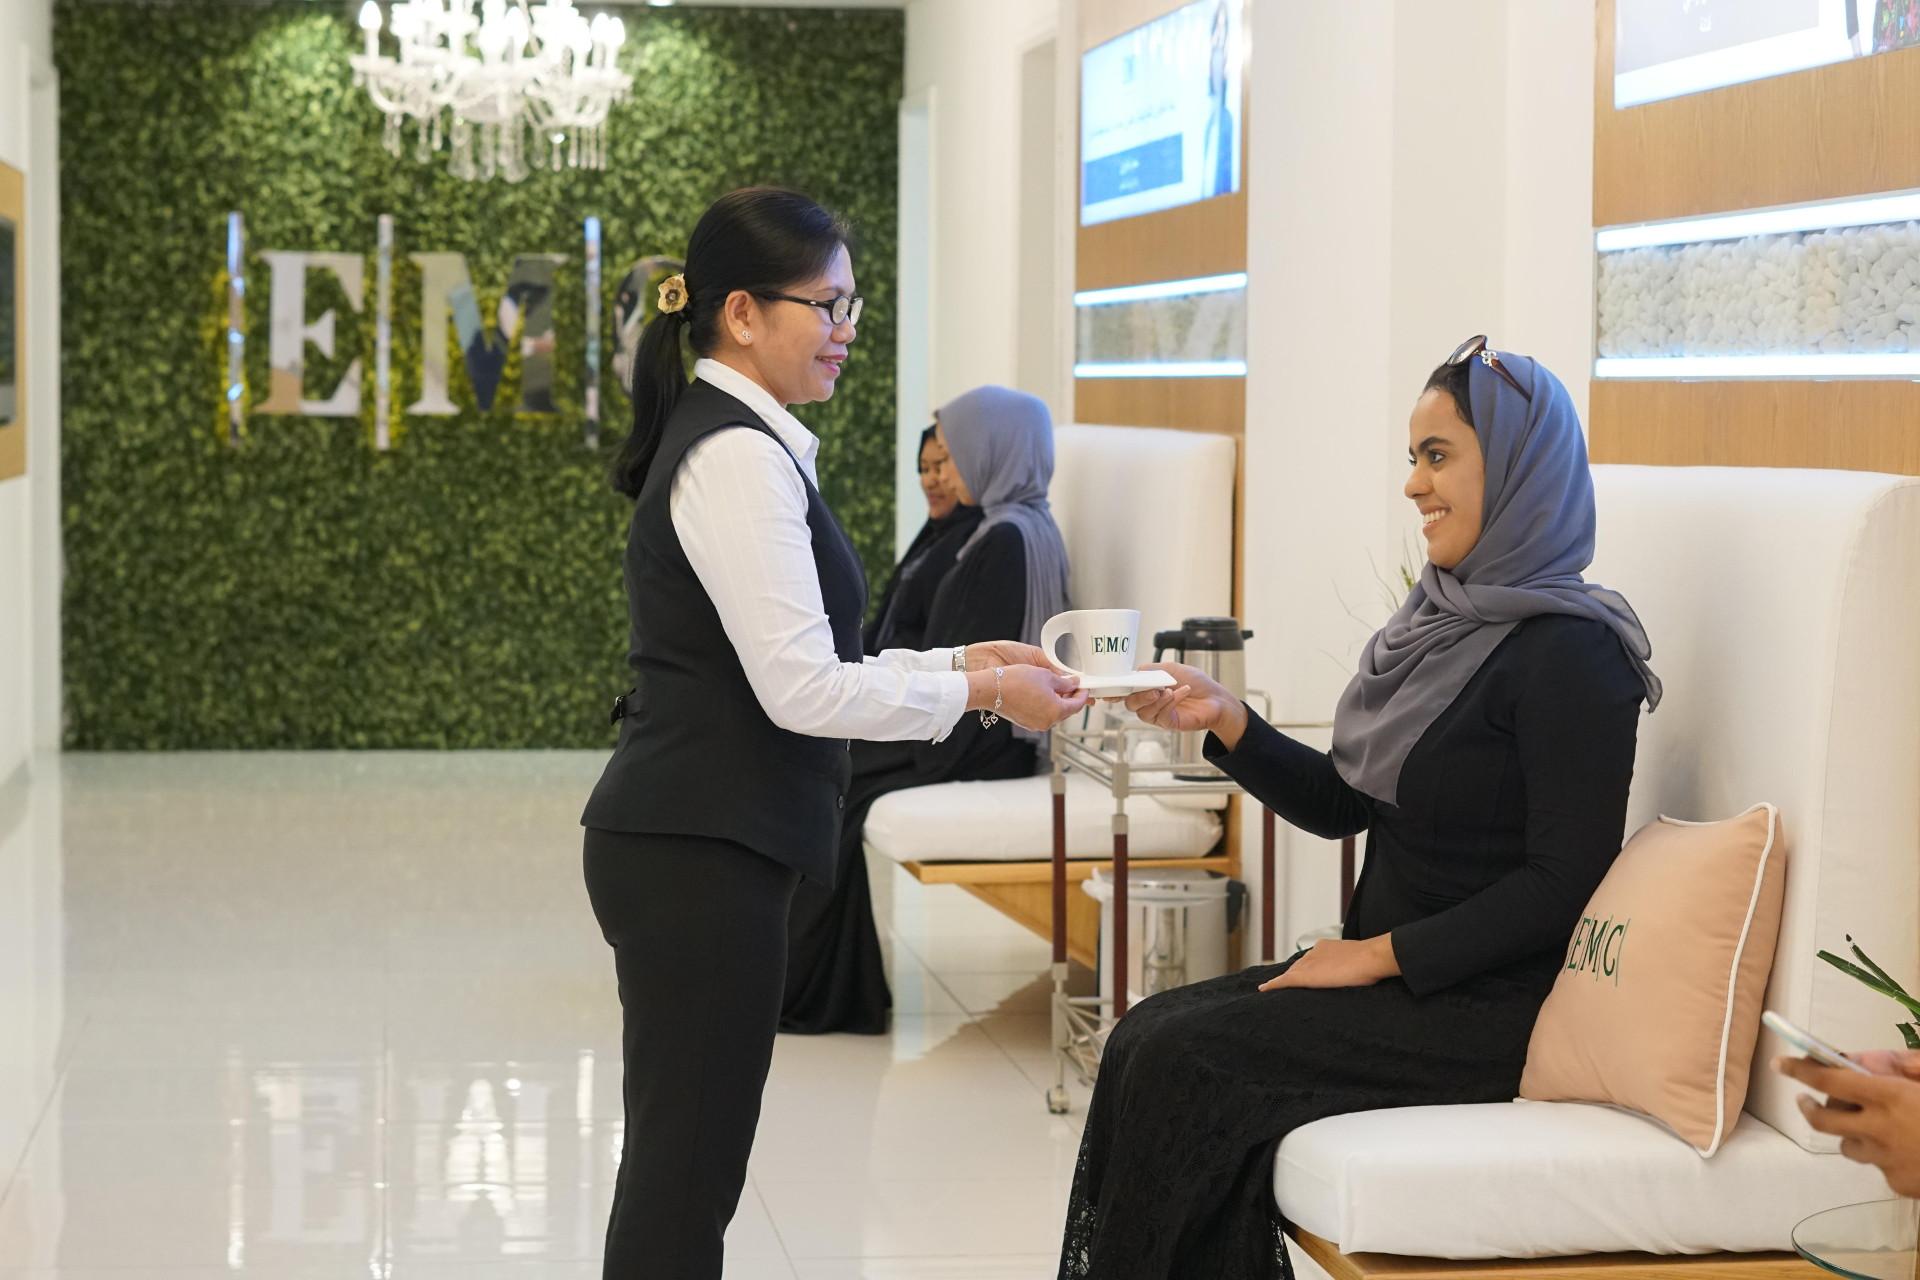 جائزة حمدان لأفضل قسم طبي في القطاع الحكومي بدولة الإمارات العربية المتحدة